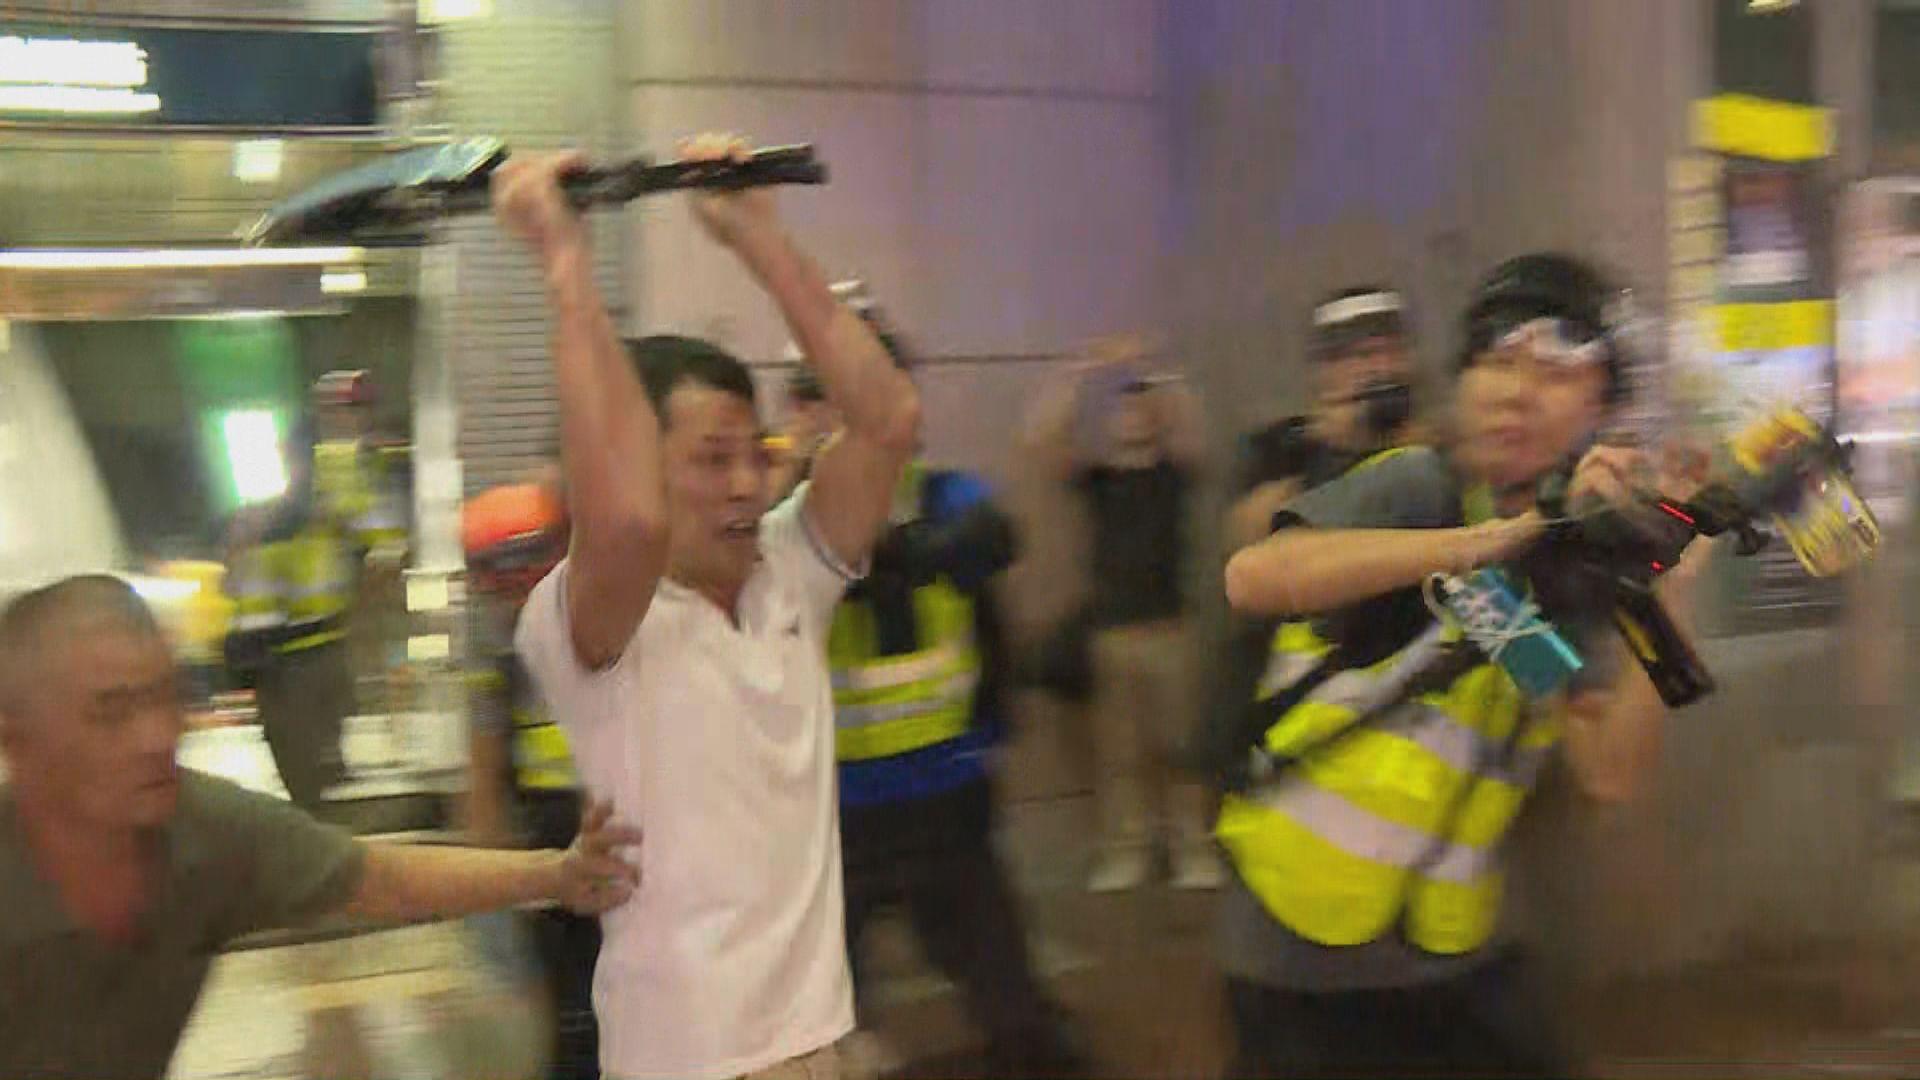 炮台山有示威者被追打 警員放走涉施襲者